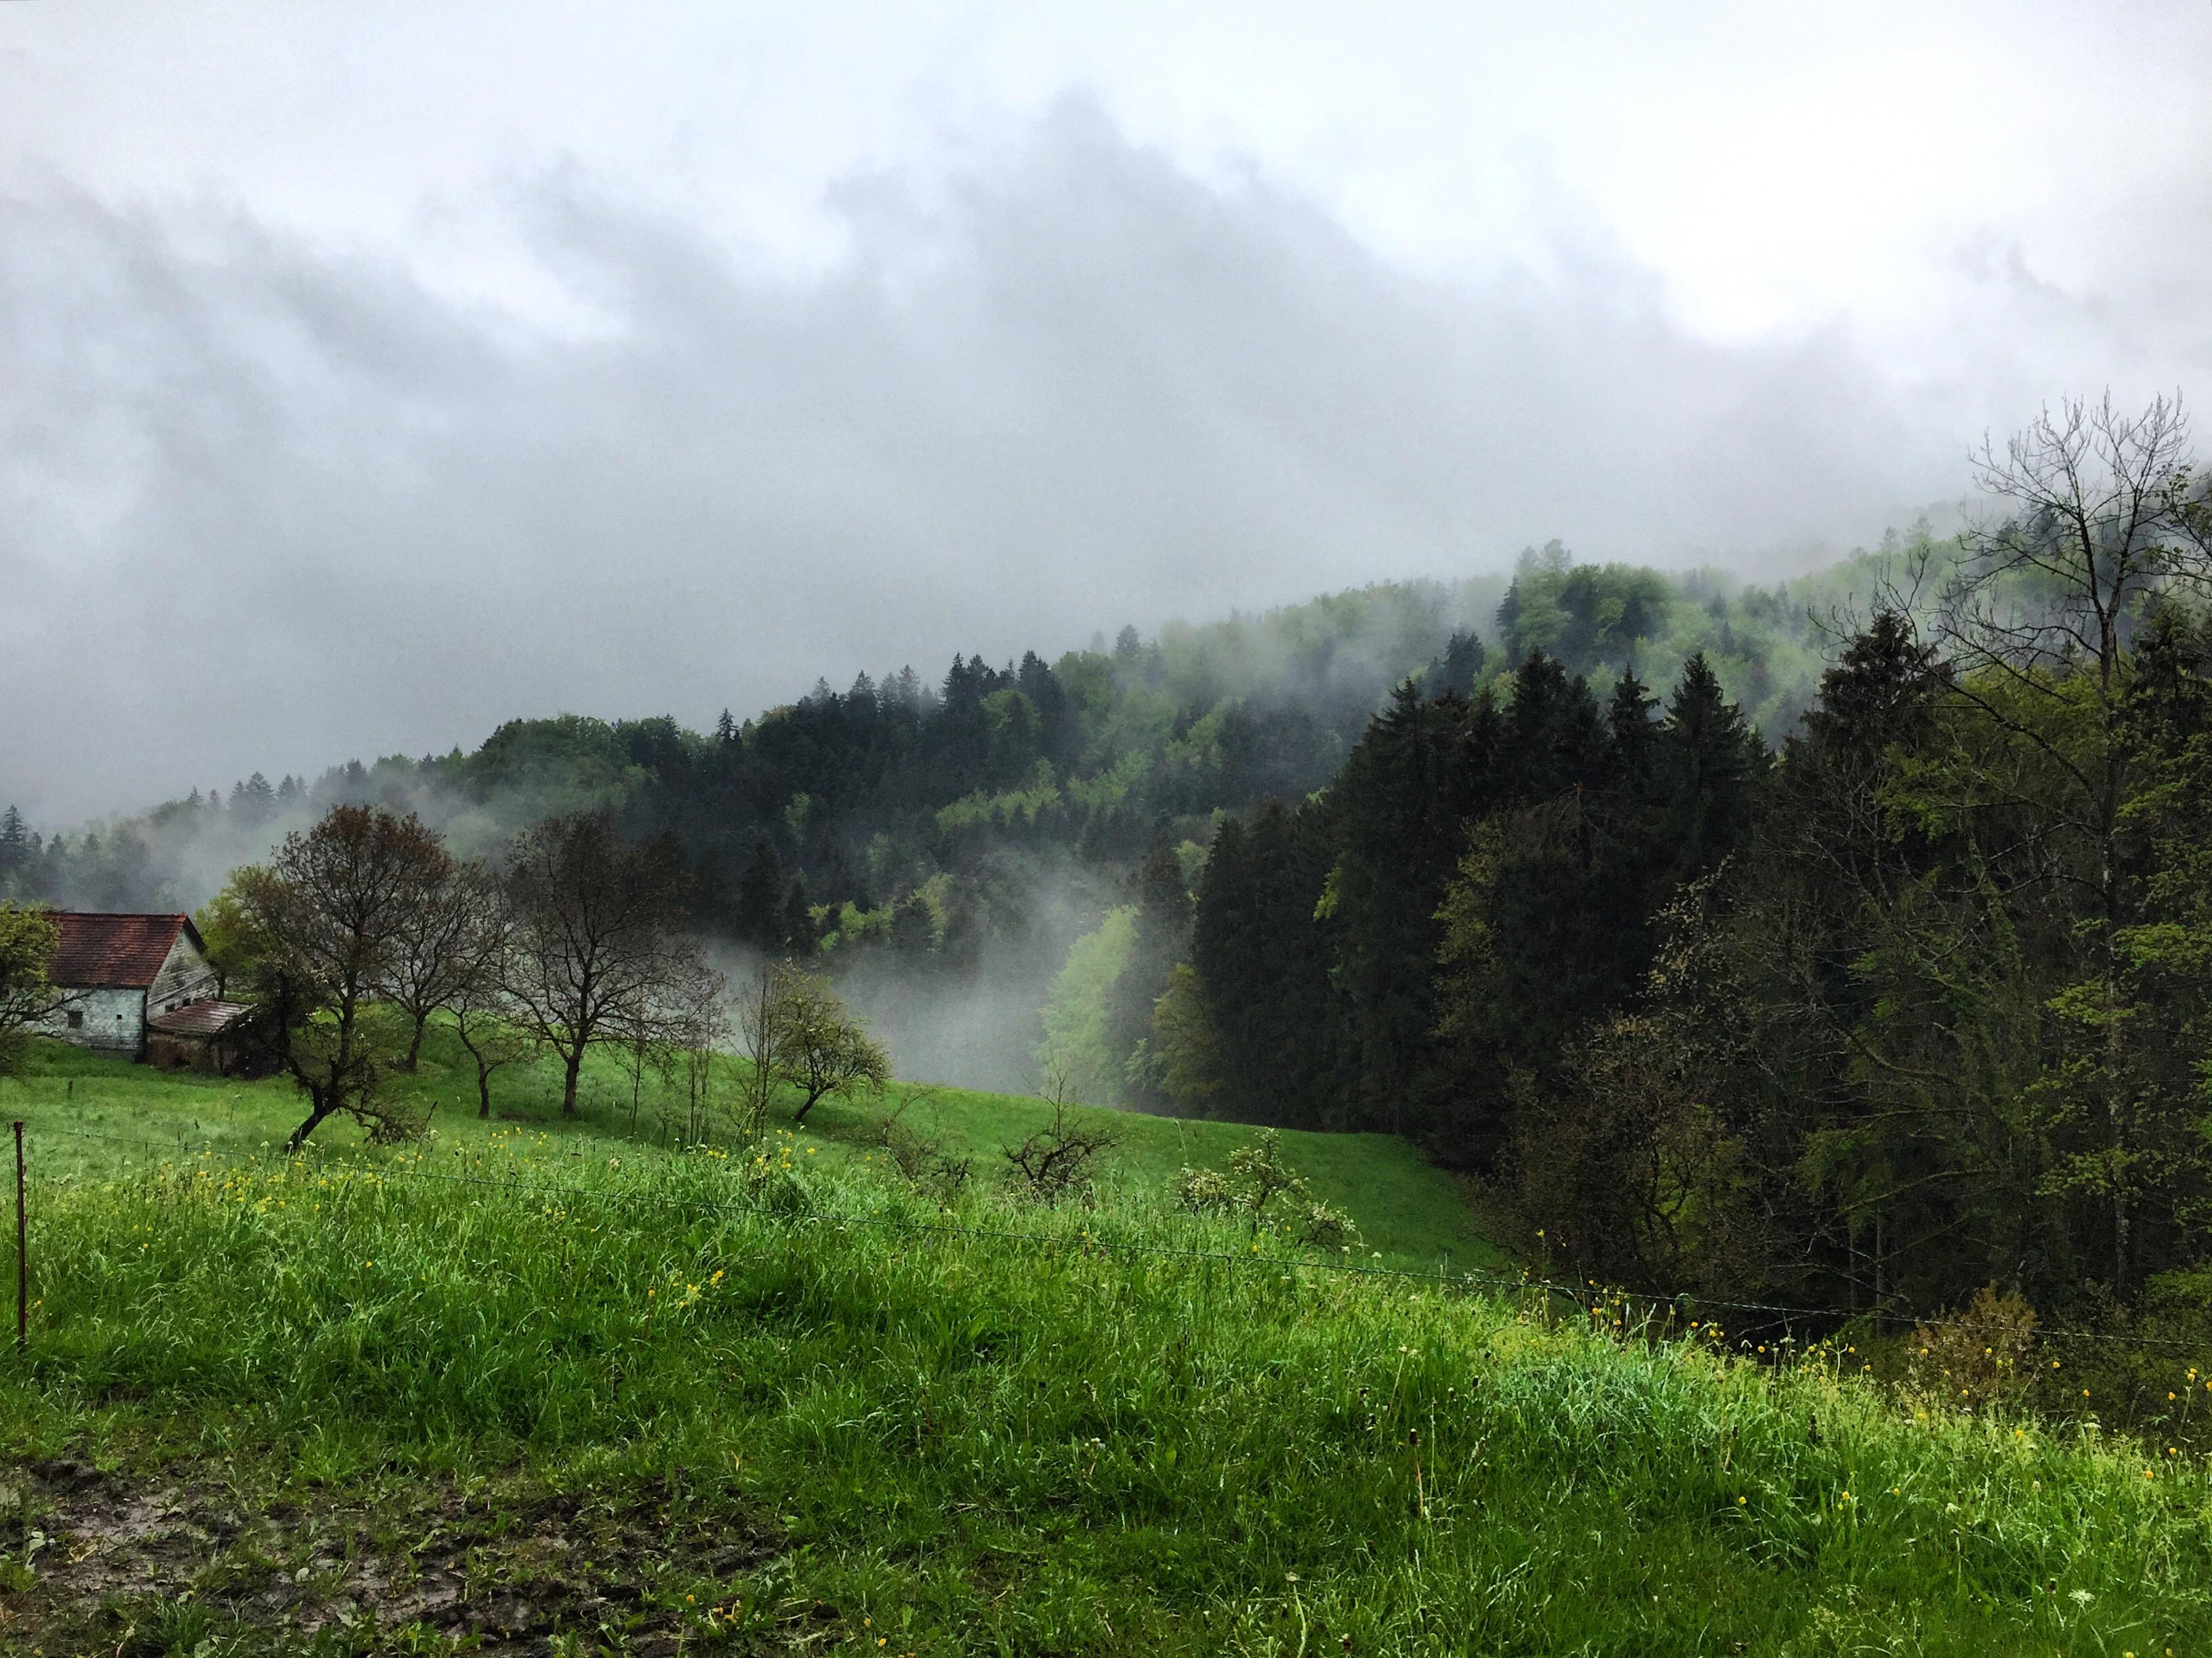 Maandag ging ik weer lopen. Toen we 150 meter de berg opgelopen hadden, kregen we dit uitzicht. Ik vind dat tof, zo dromerig en sprookjesachtig